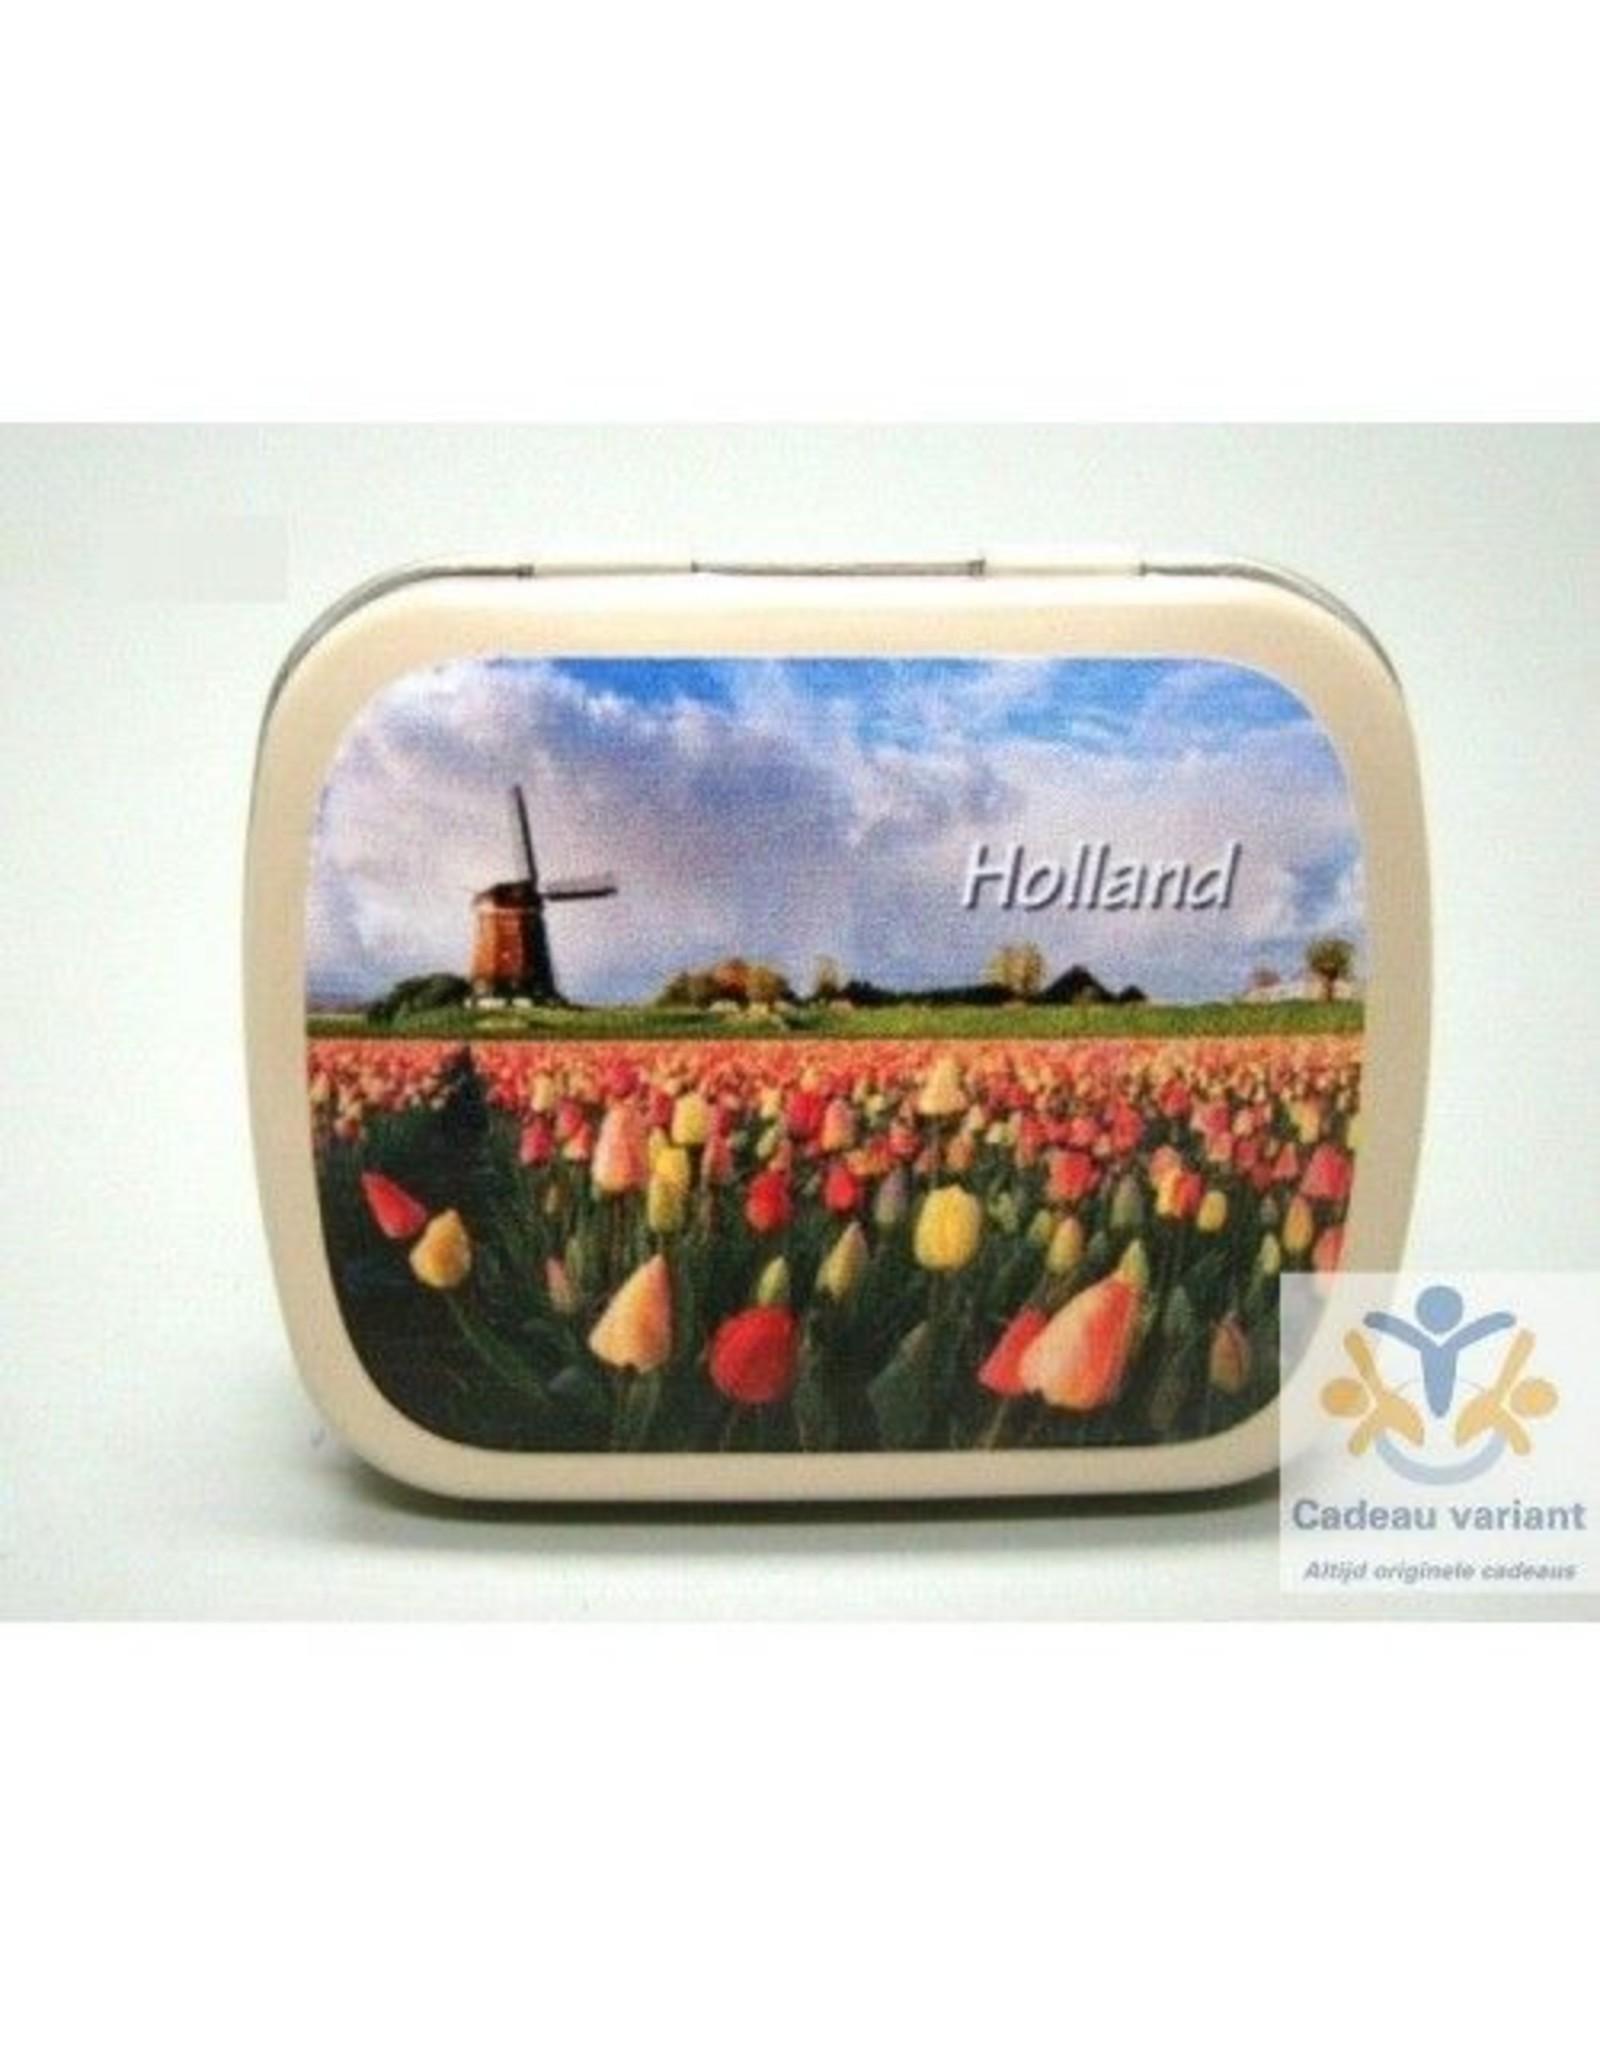 Tulpen Holland pepermunt pillendoosje